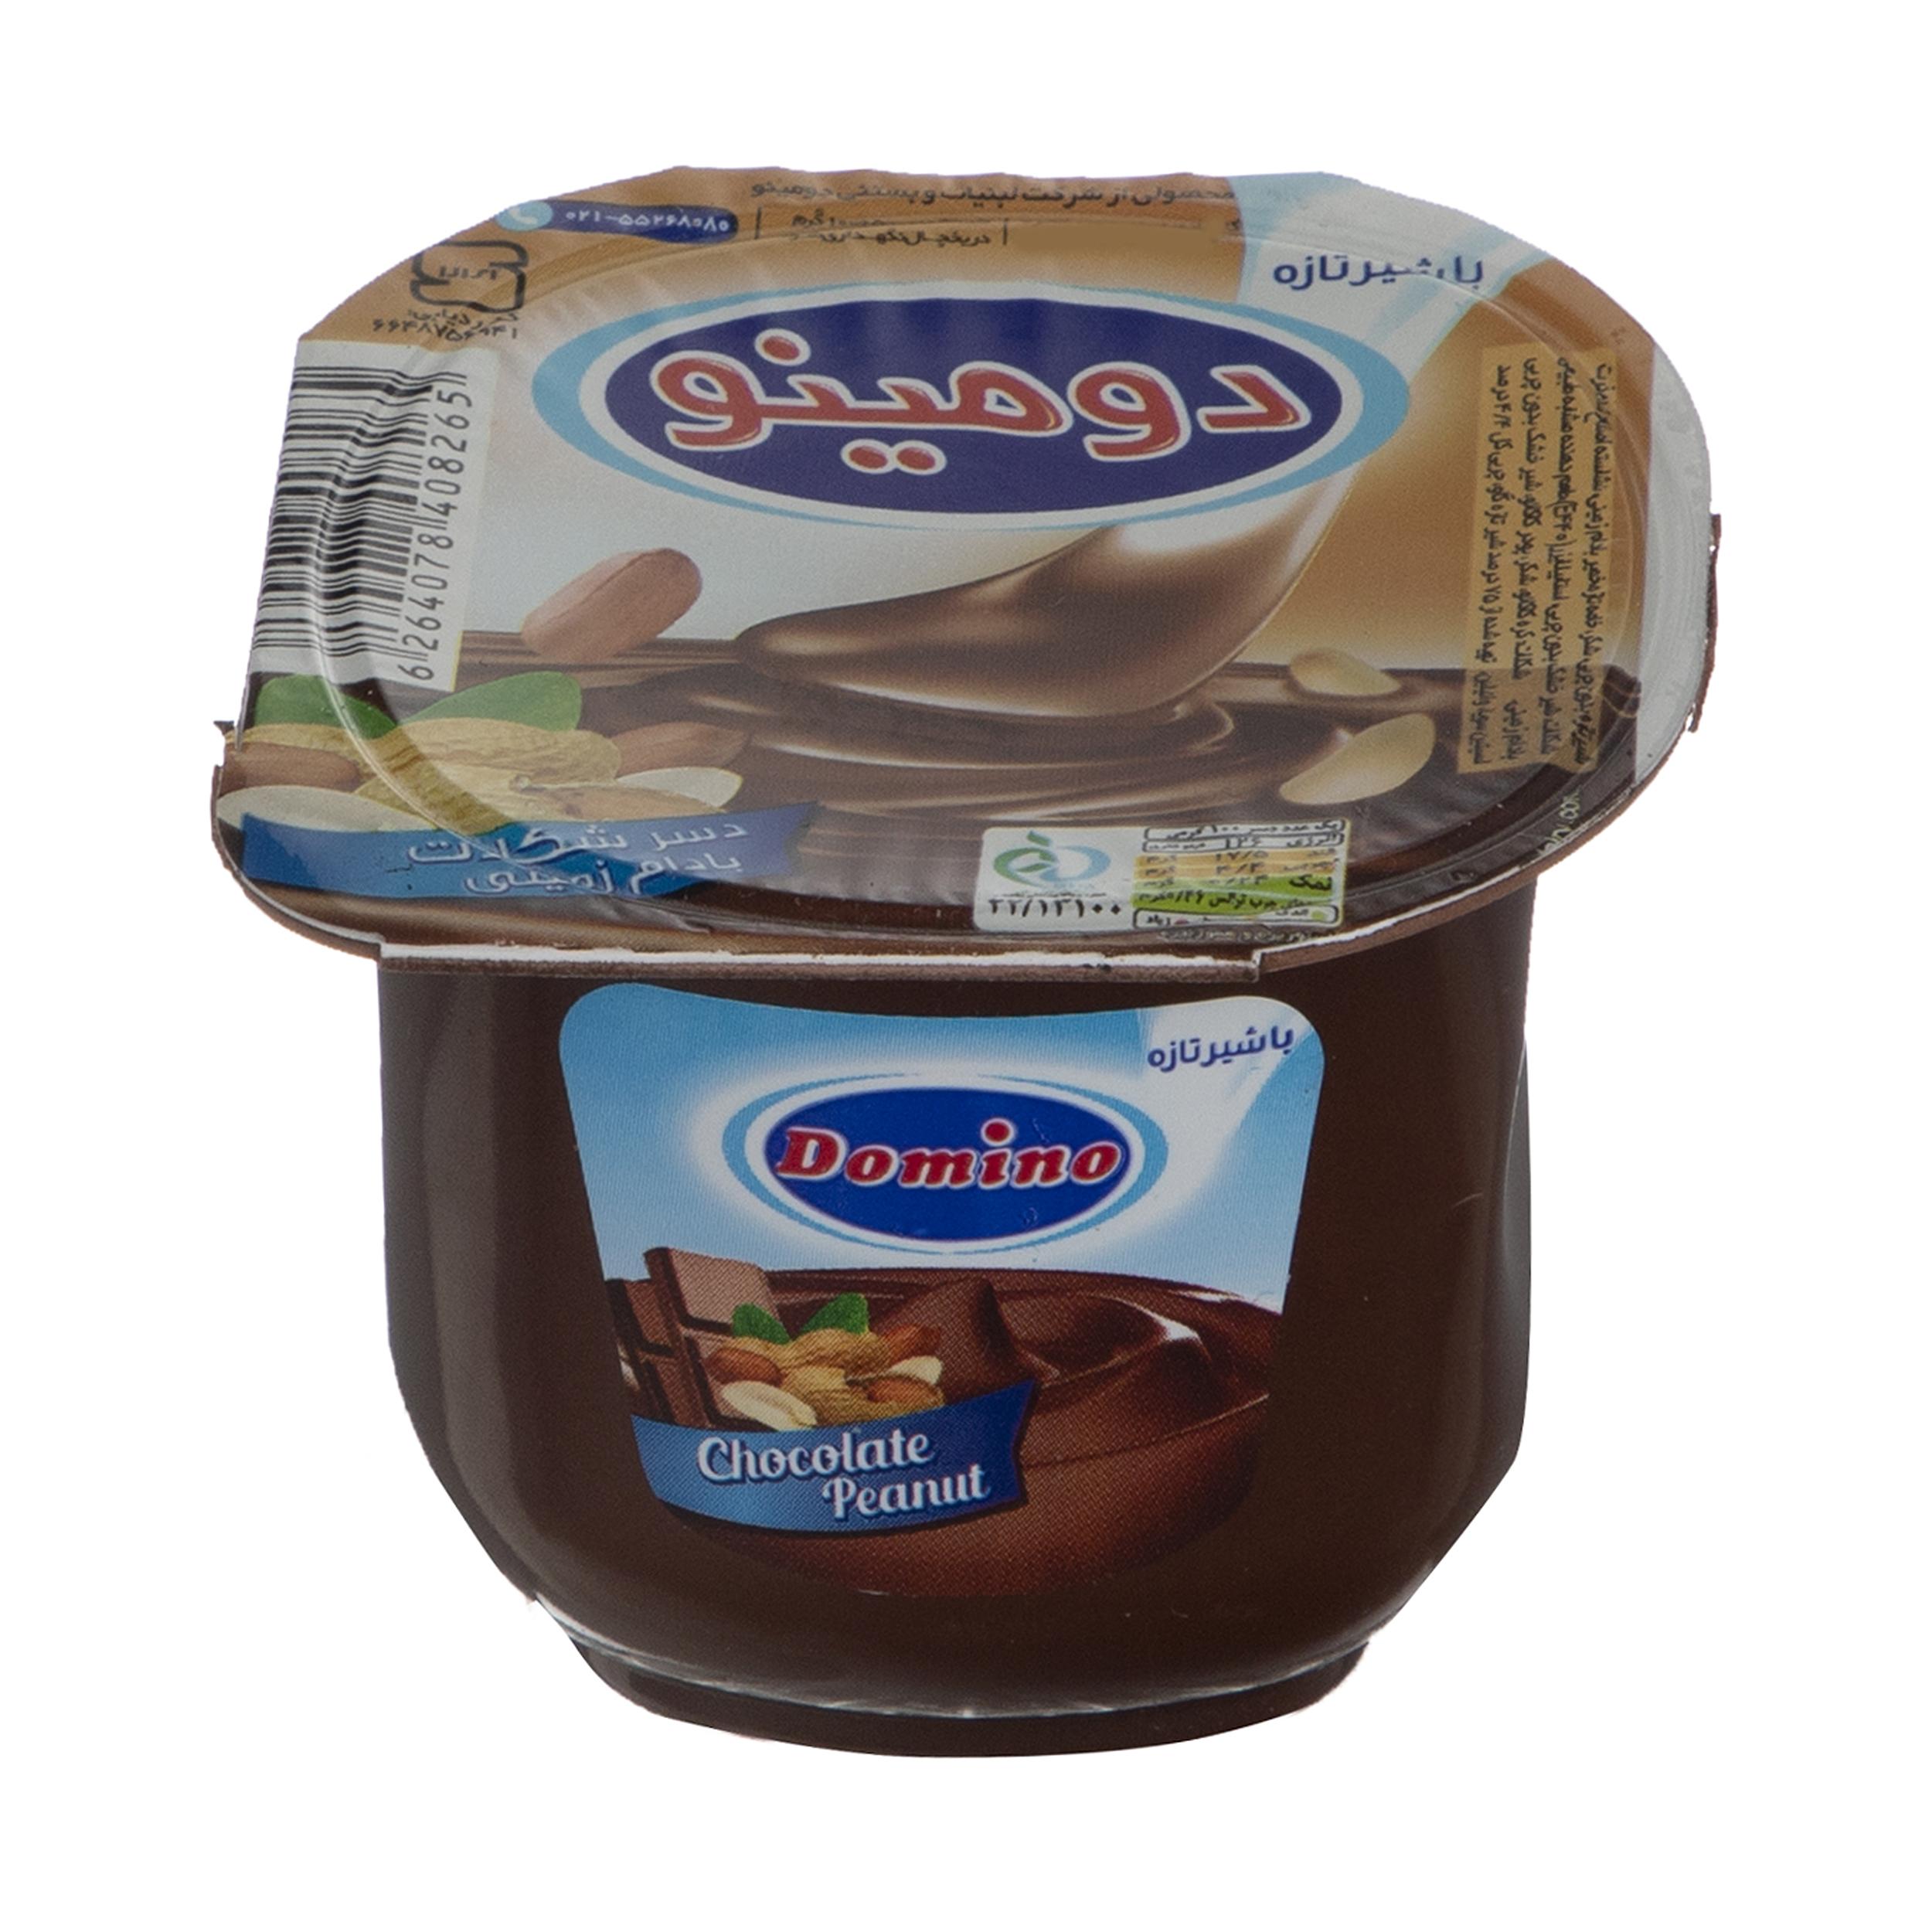 دسر شکلات بادام زمینی دومینو - 100 گرم